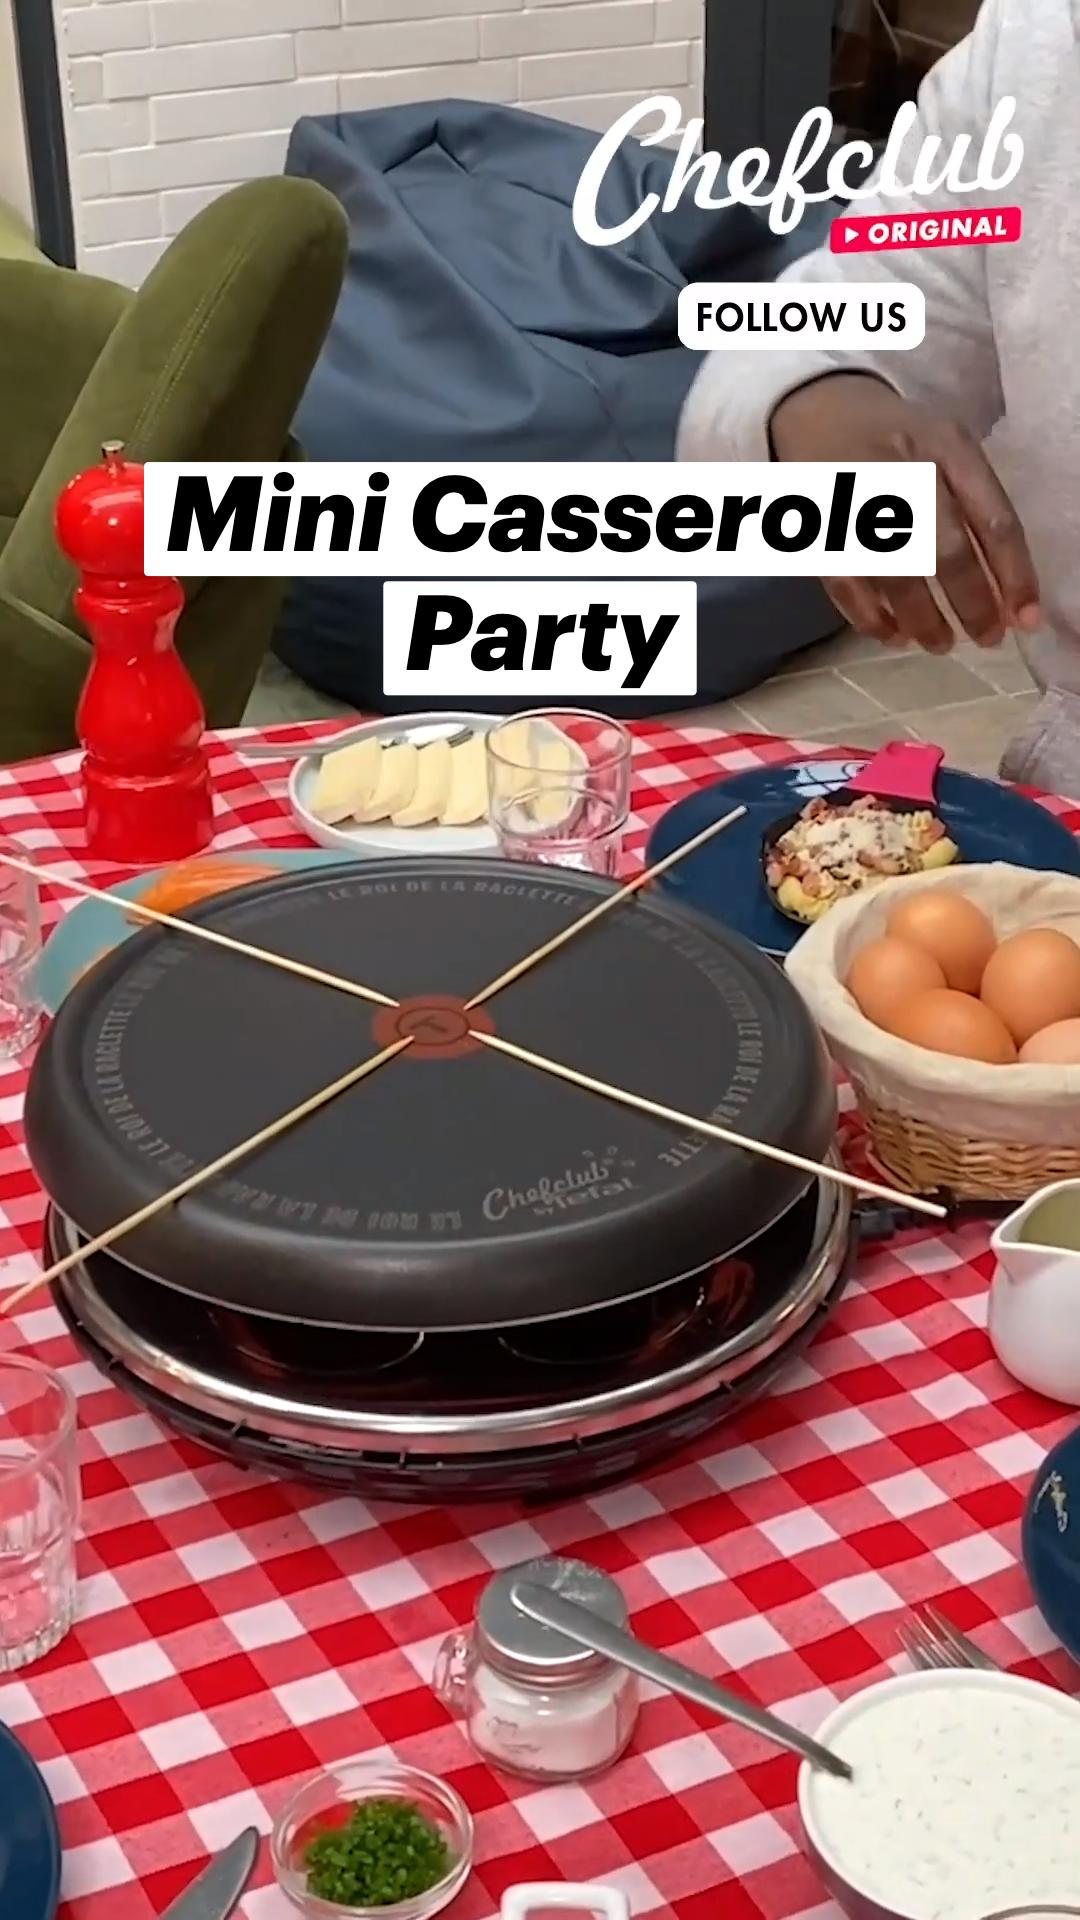 Mini Casserole Party